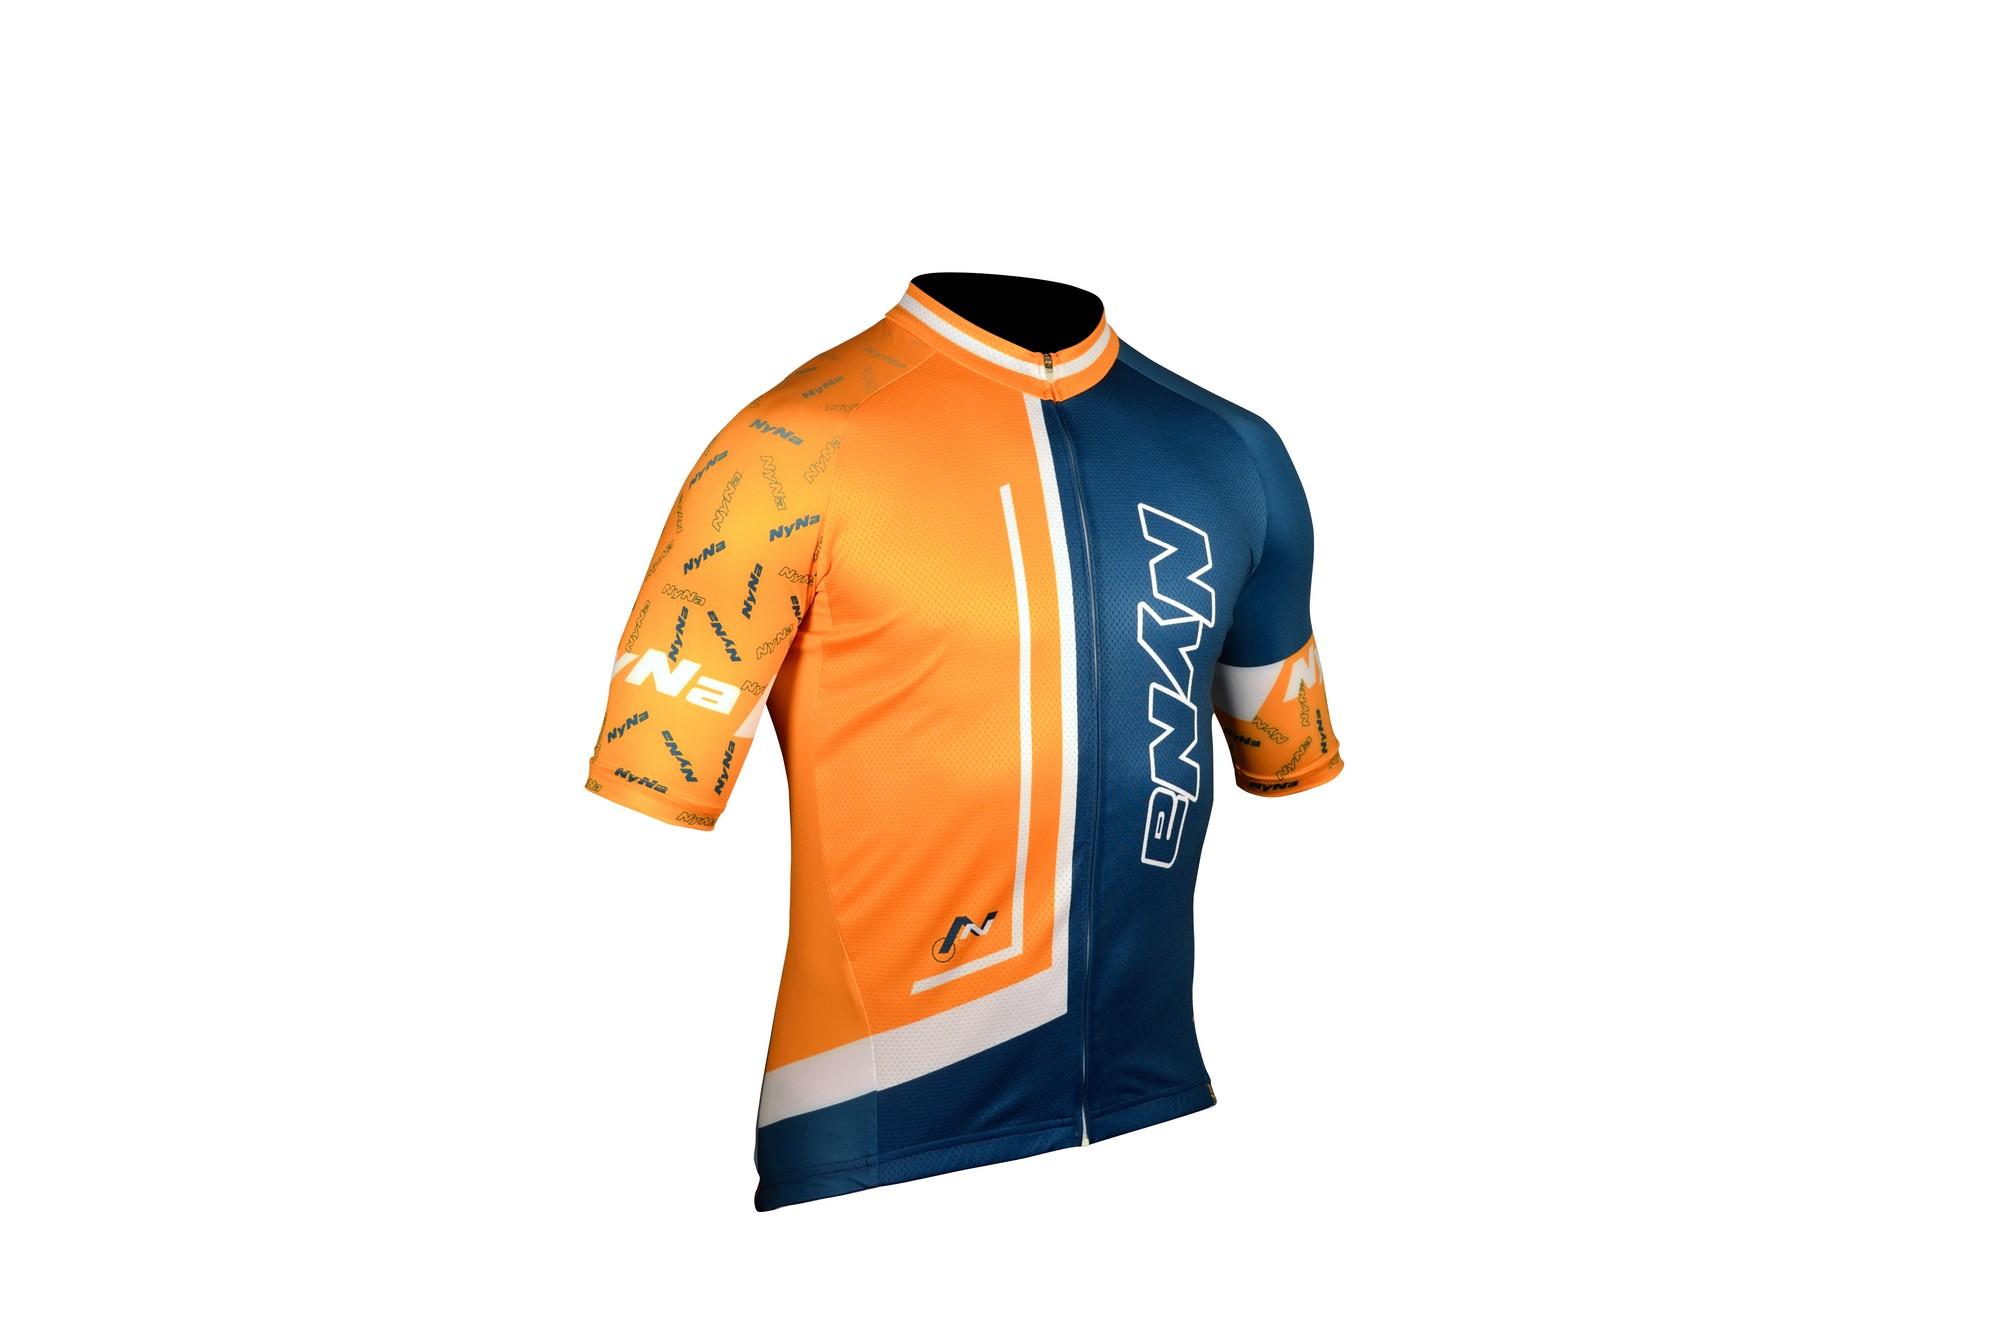 68f9ddb04c1d1 Cyklistický dres ARCH KR